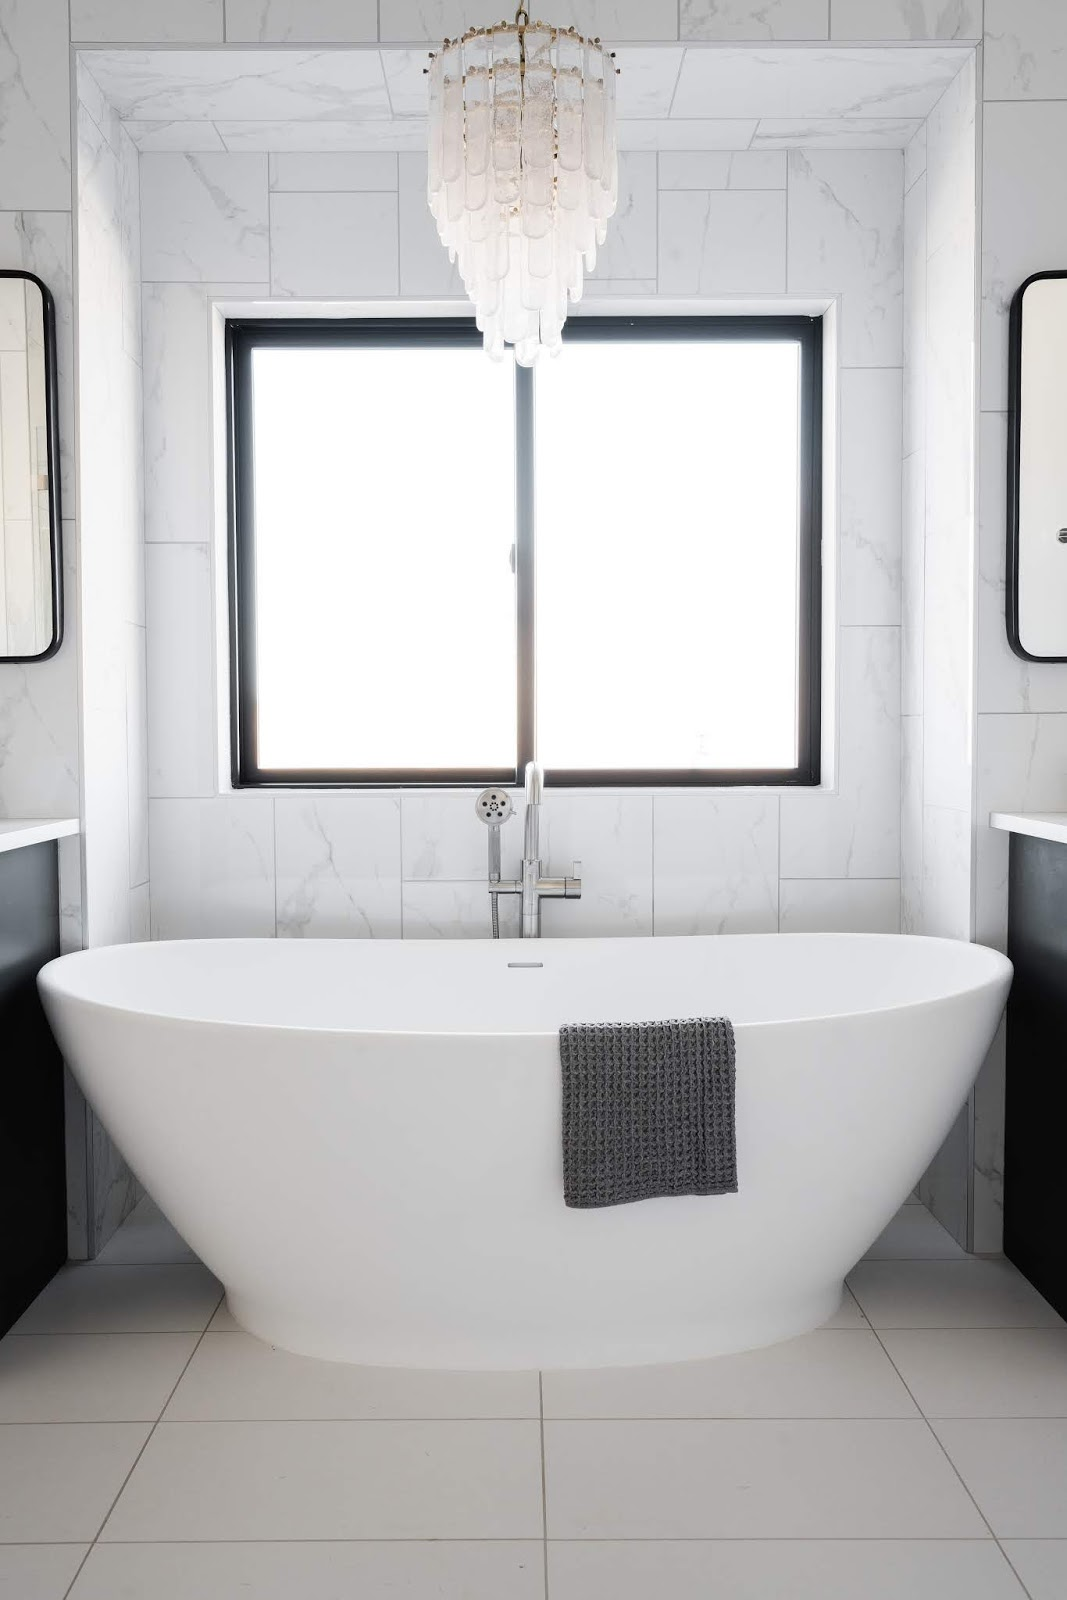 Master Bathroom Bathtub, Modern Bathtub